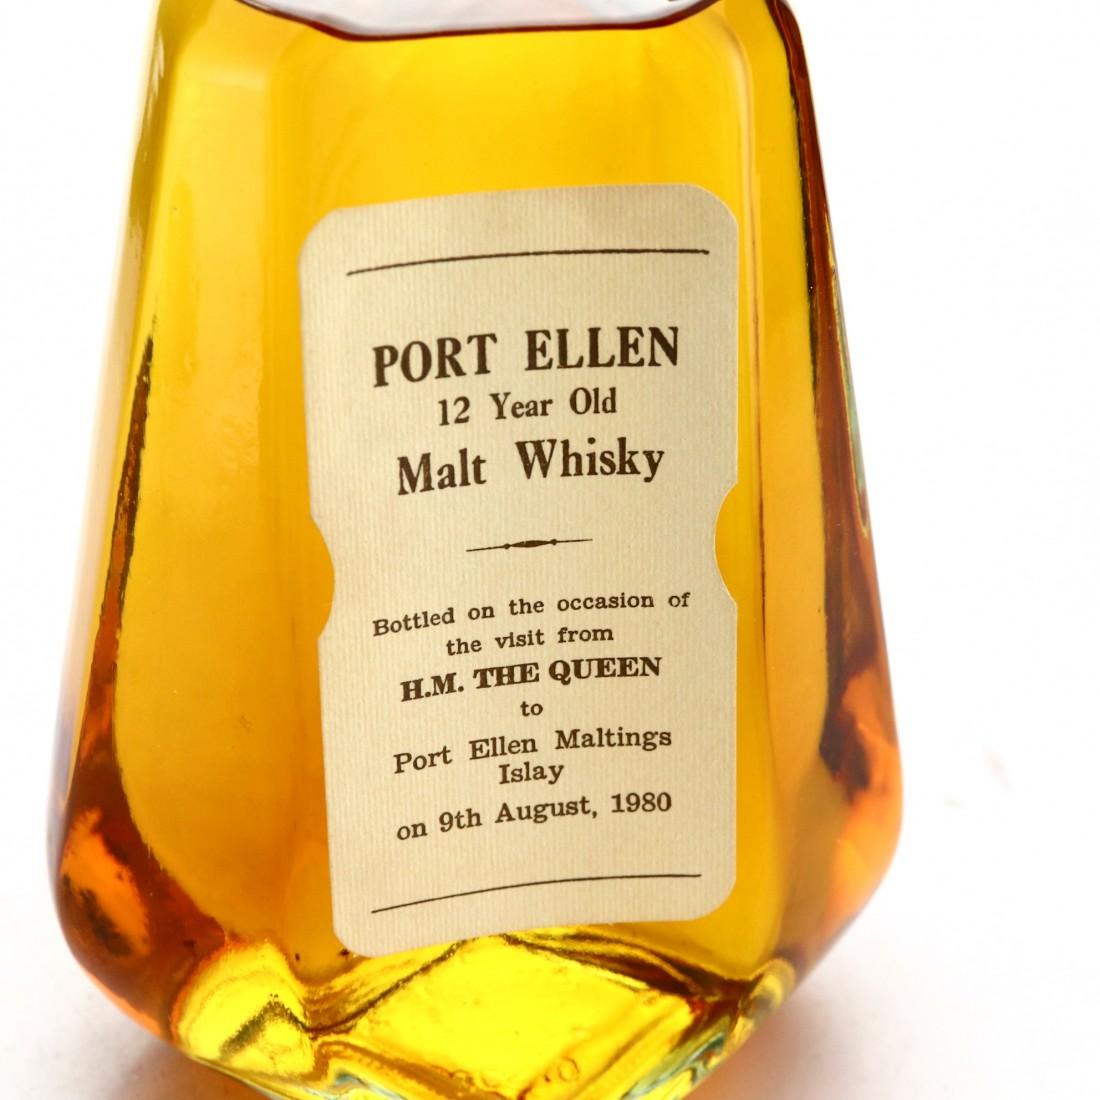 Port Ellen 12 Year Old Queen's Visit 1980